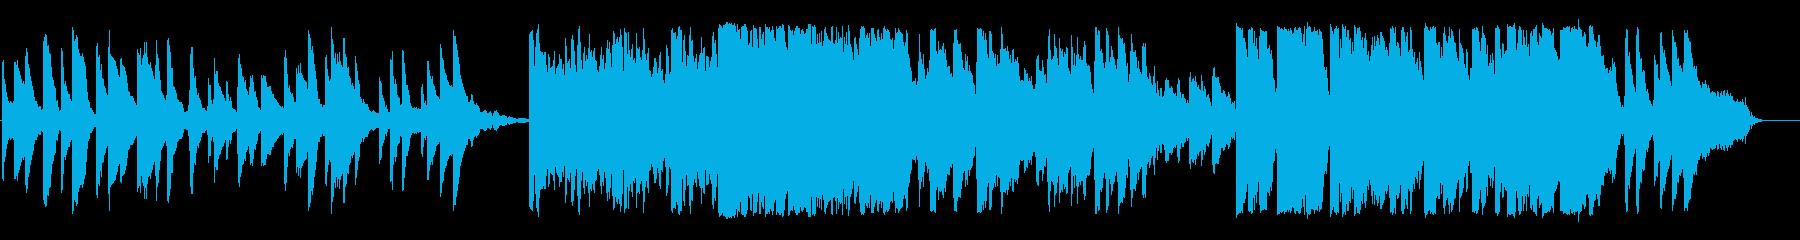 プリペアードピアノによる優しい曲の再生済みの波形